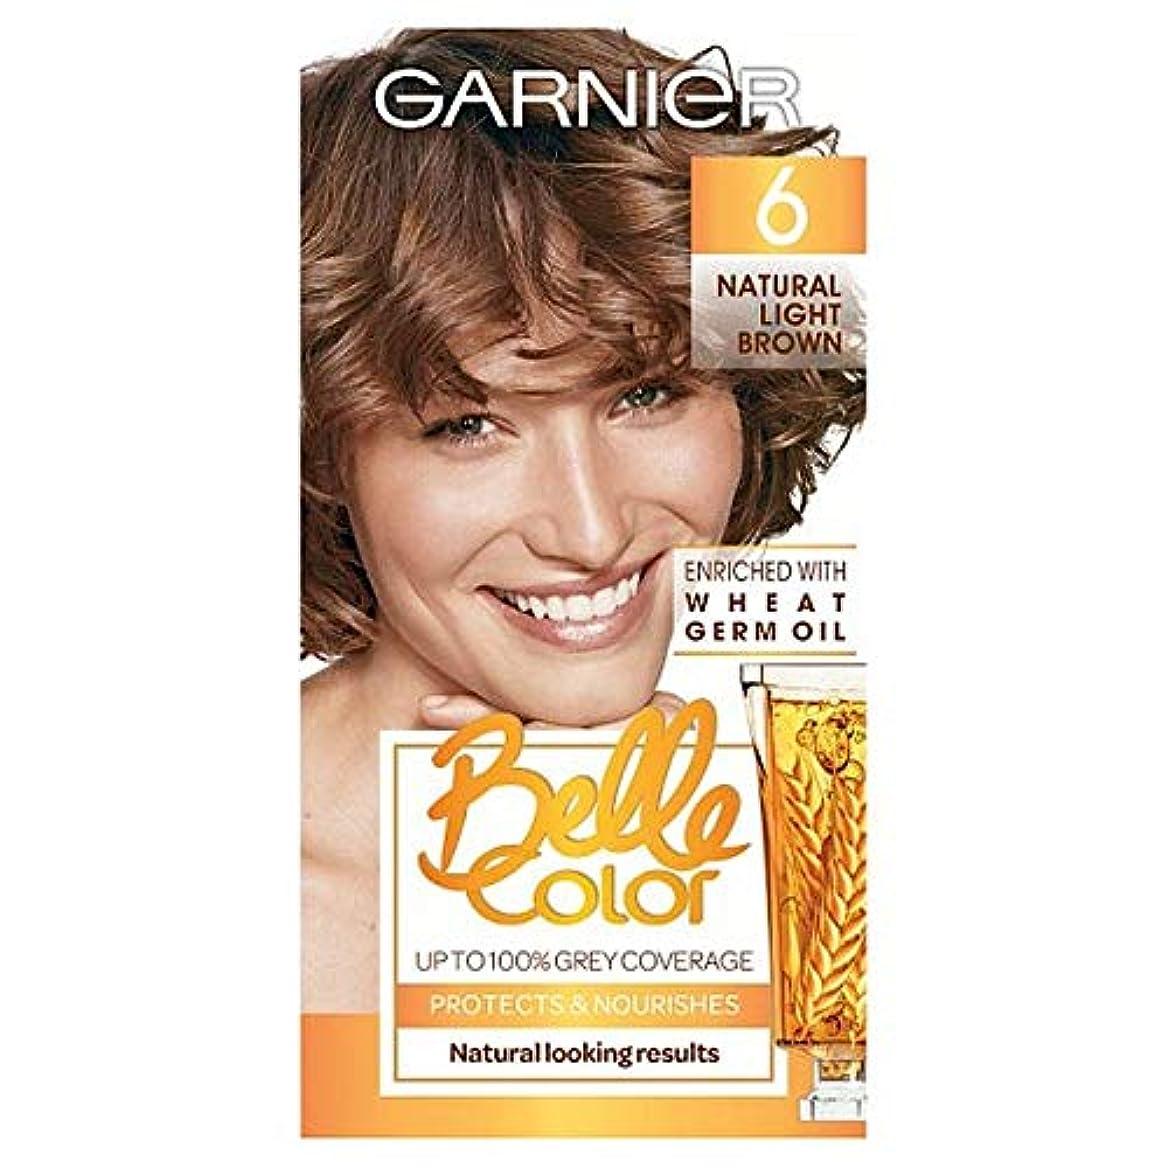 ベイビーひらめき範囲[Belle Color ] ガーン/ベル/Clr 6ナチュラルライトブラウンパーマネントヘアダイ - Garn/Bel/Clr 6 Natural Light Brown Permanent Hair Dye [並行輸入品]